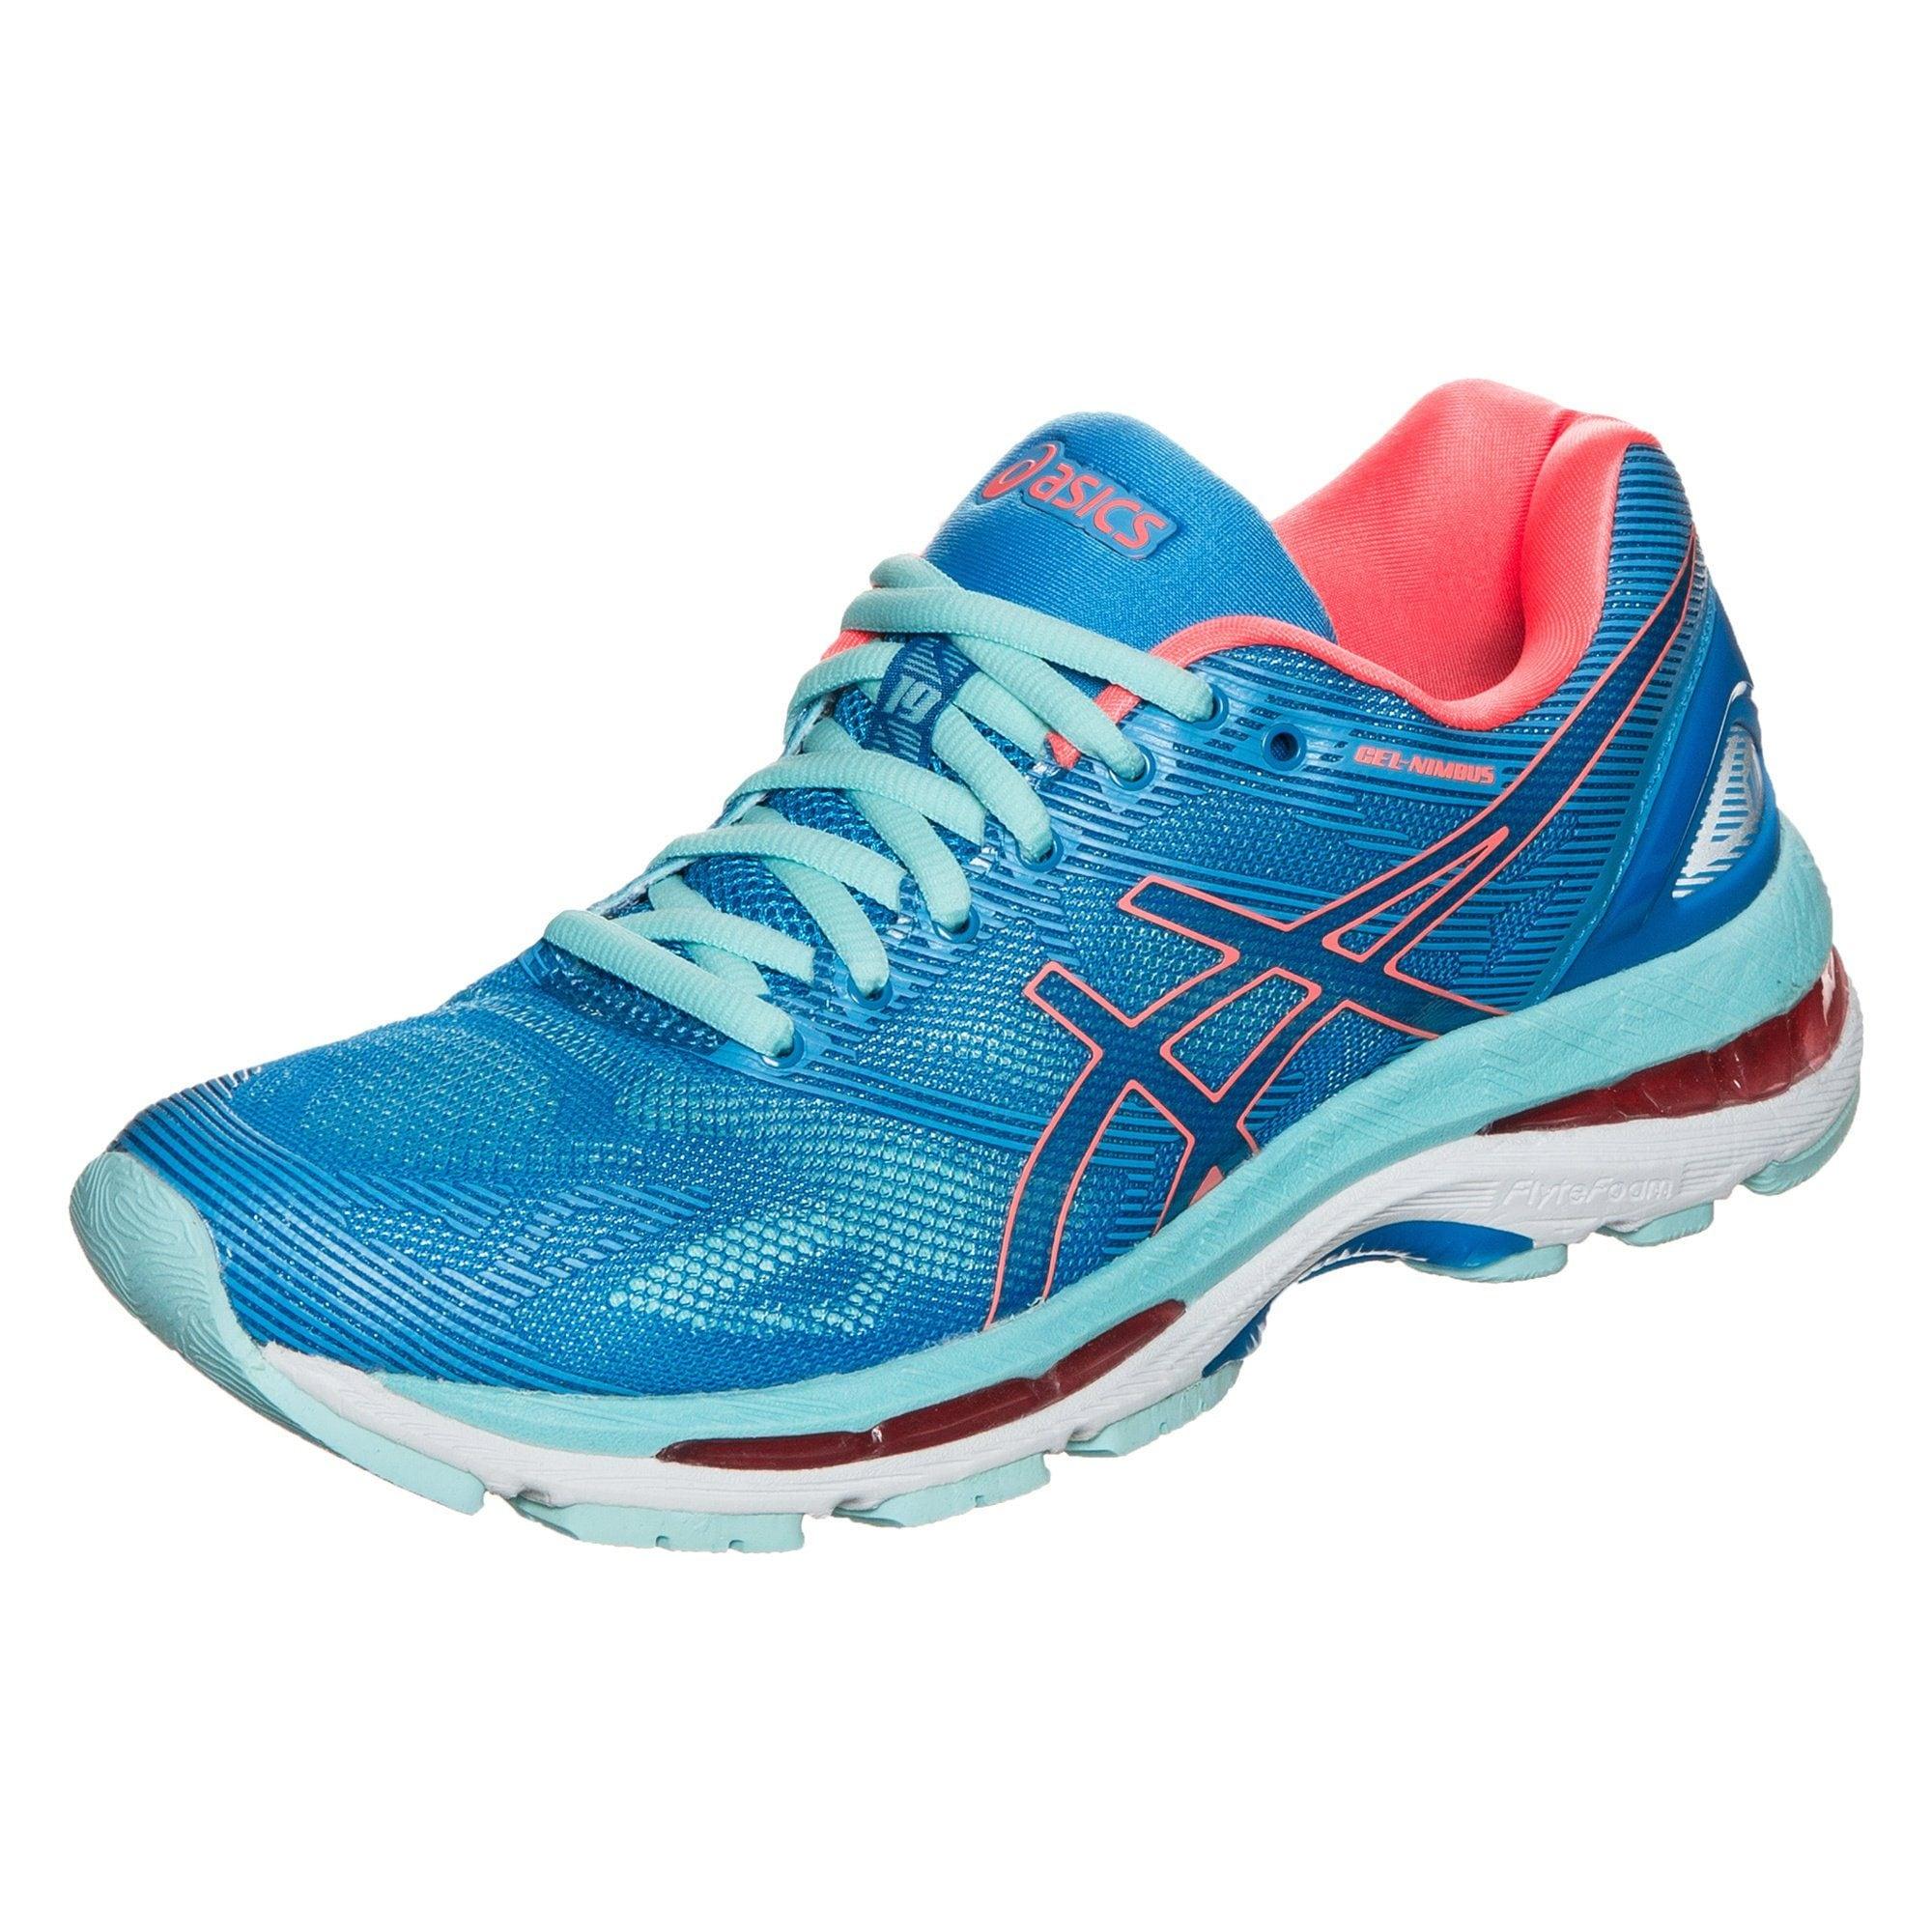 ASICS Damen Gel Nimbus 19 Laufschuhe: : Schuhe